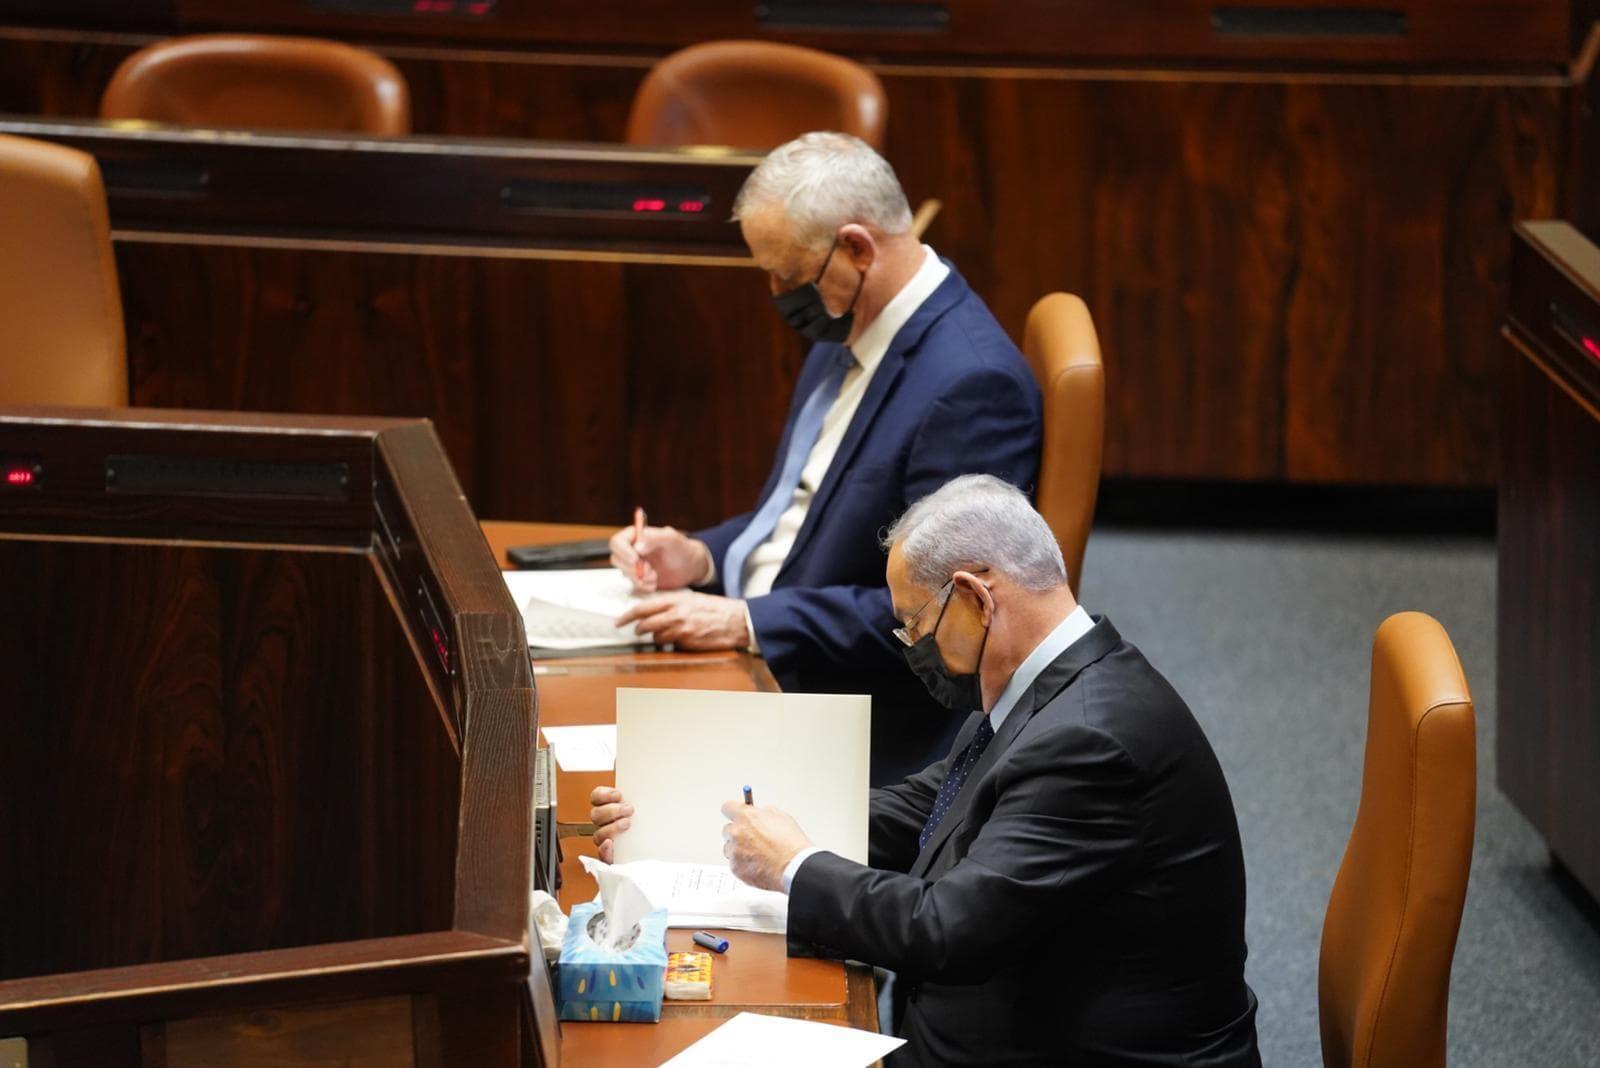 בנימין נתניהו ובני גנץ בדיון על ההסכם עם בחריין, 10 בנובמבר 2020 (צילום: דוברות הכנסת - שמוליק גרוסמן)